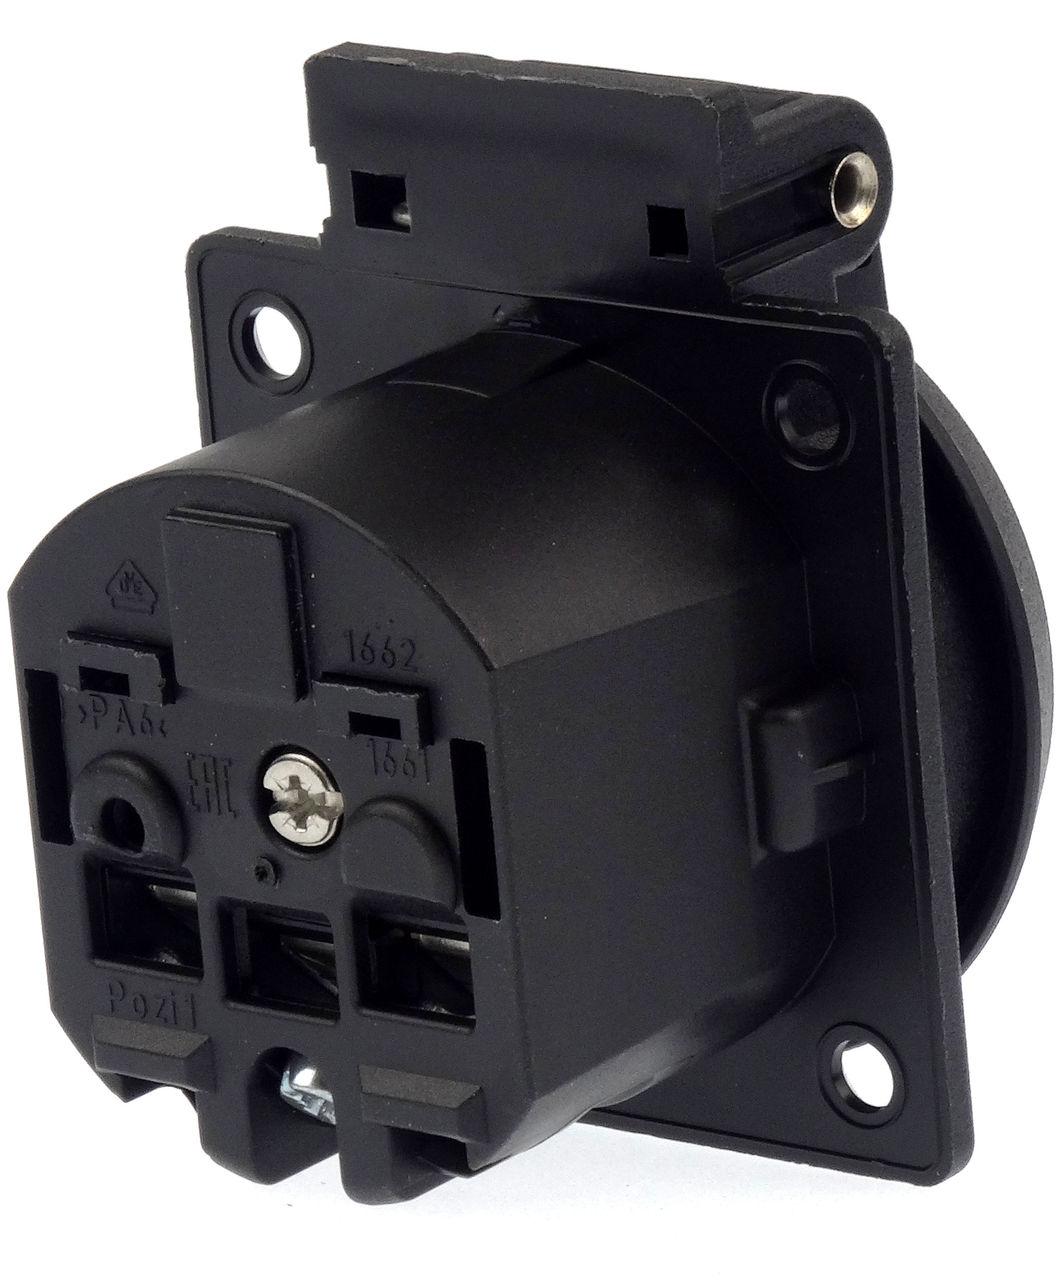 ABL Sursum - eMC2 HIGHTECH 22 kW 4electric Online Shop